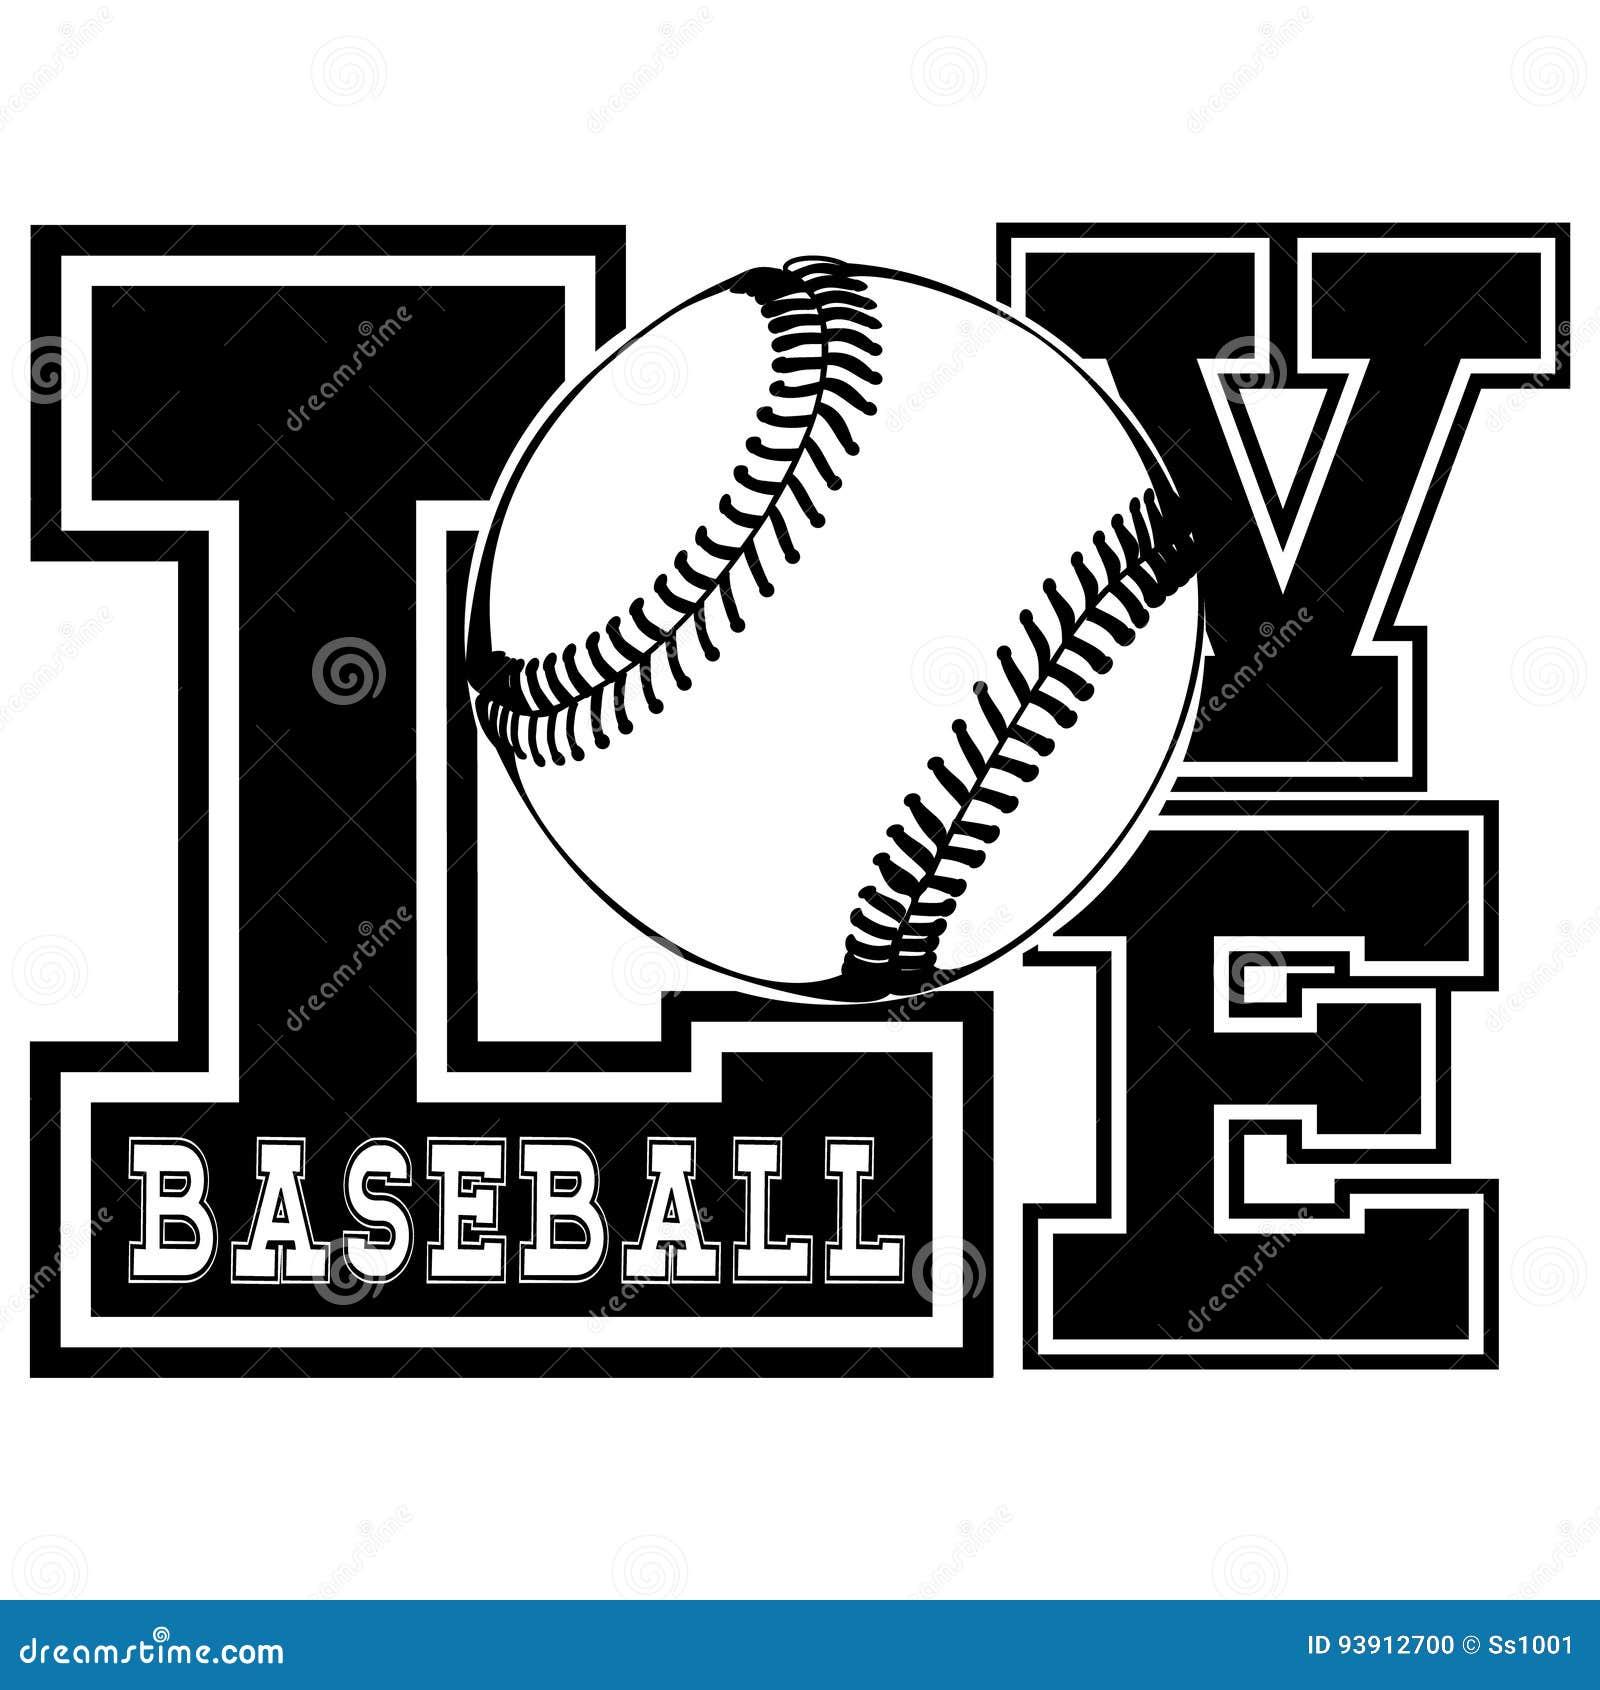 Baseball stock vector. Illustration of ball, grunge, game ...